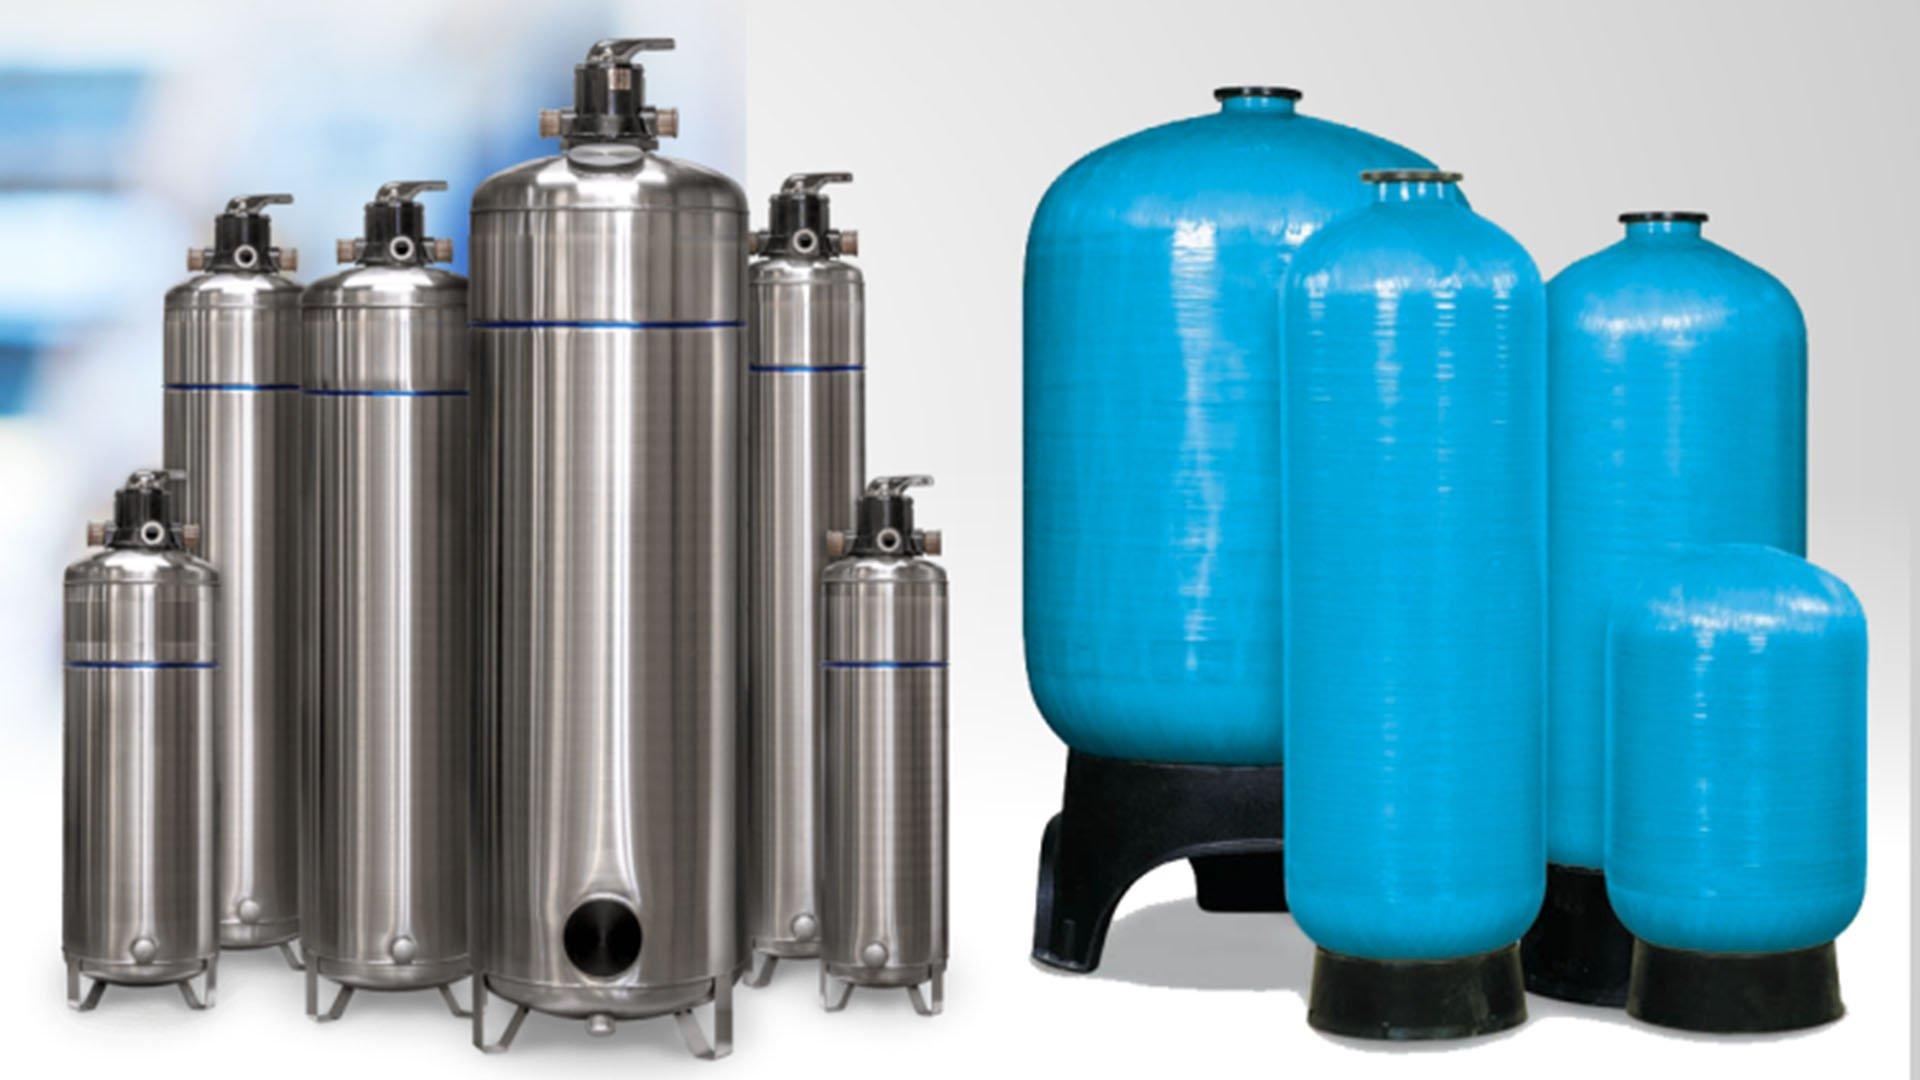 Reservatórios de Inox VS Composite PRFV. Quais as diferenças? | Blog Hidrofiltros